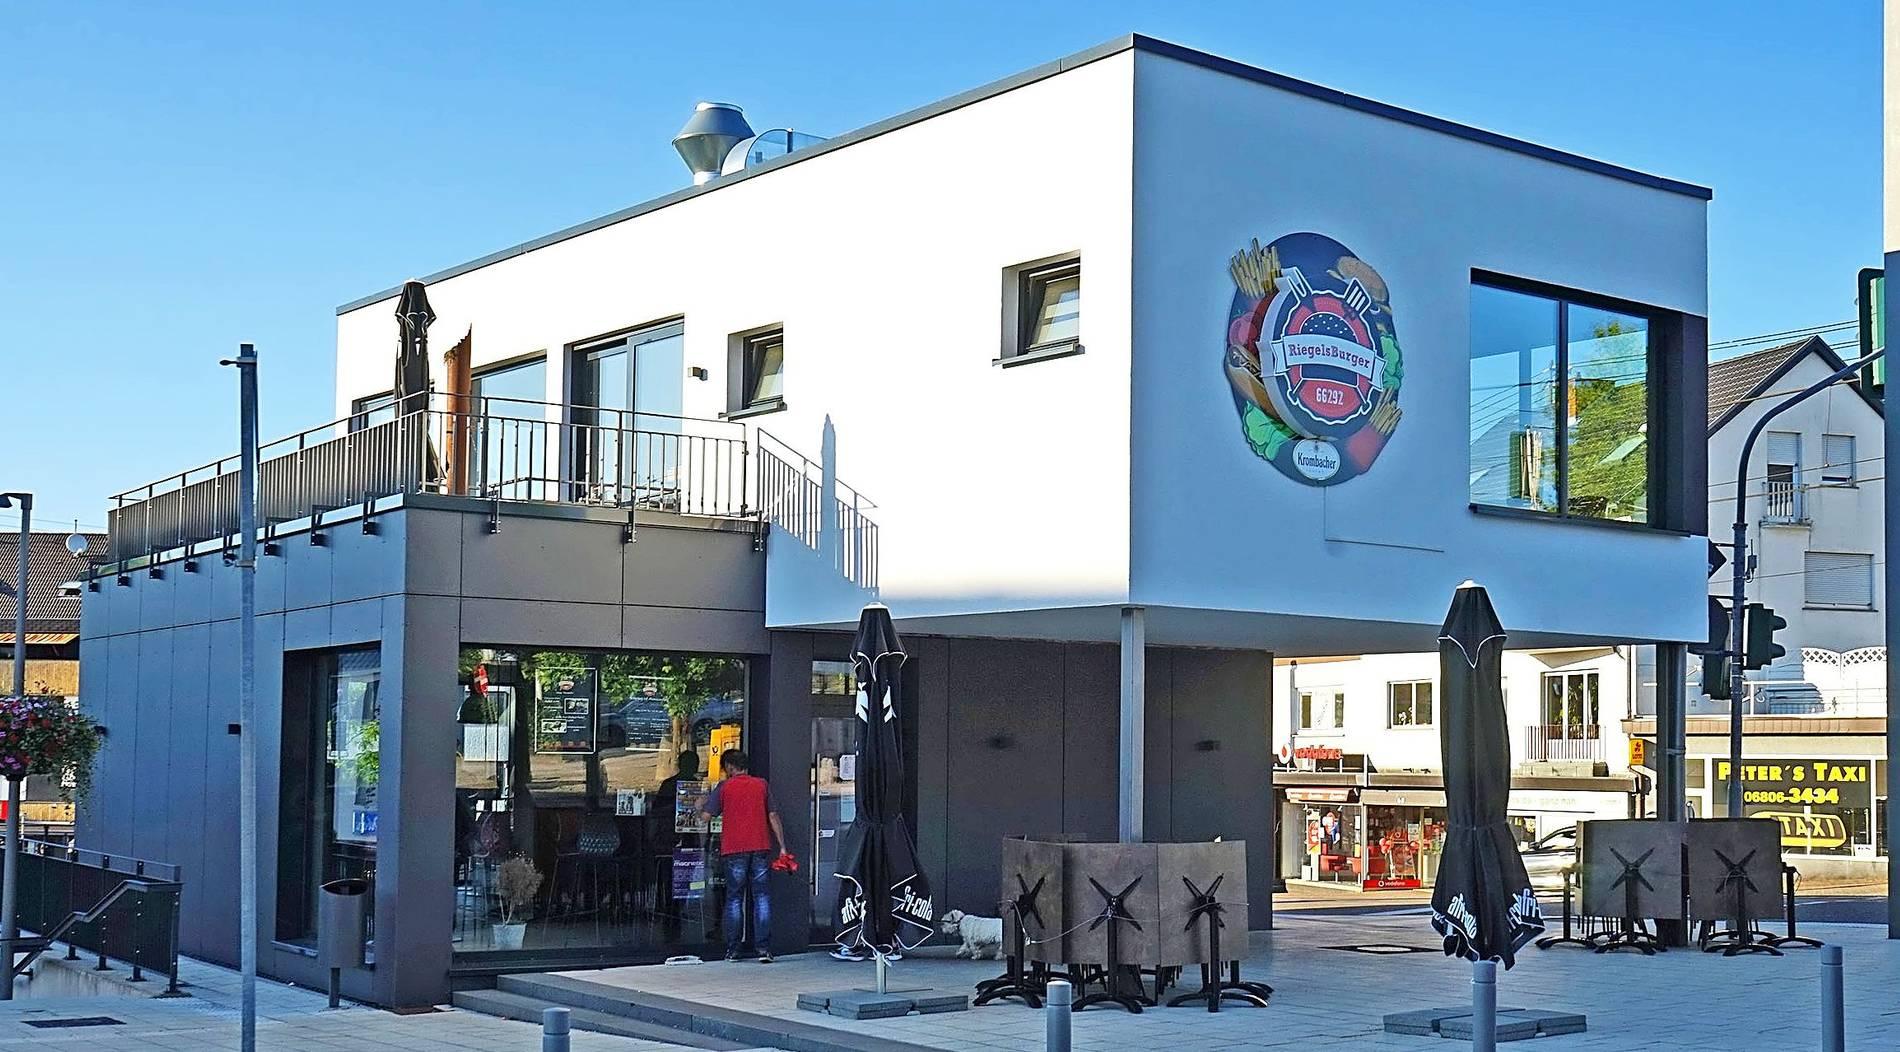 Saarbrücker zeitung ohne mauern gemeinde Vier Jahre